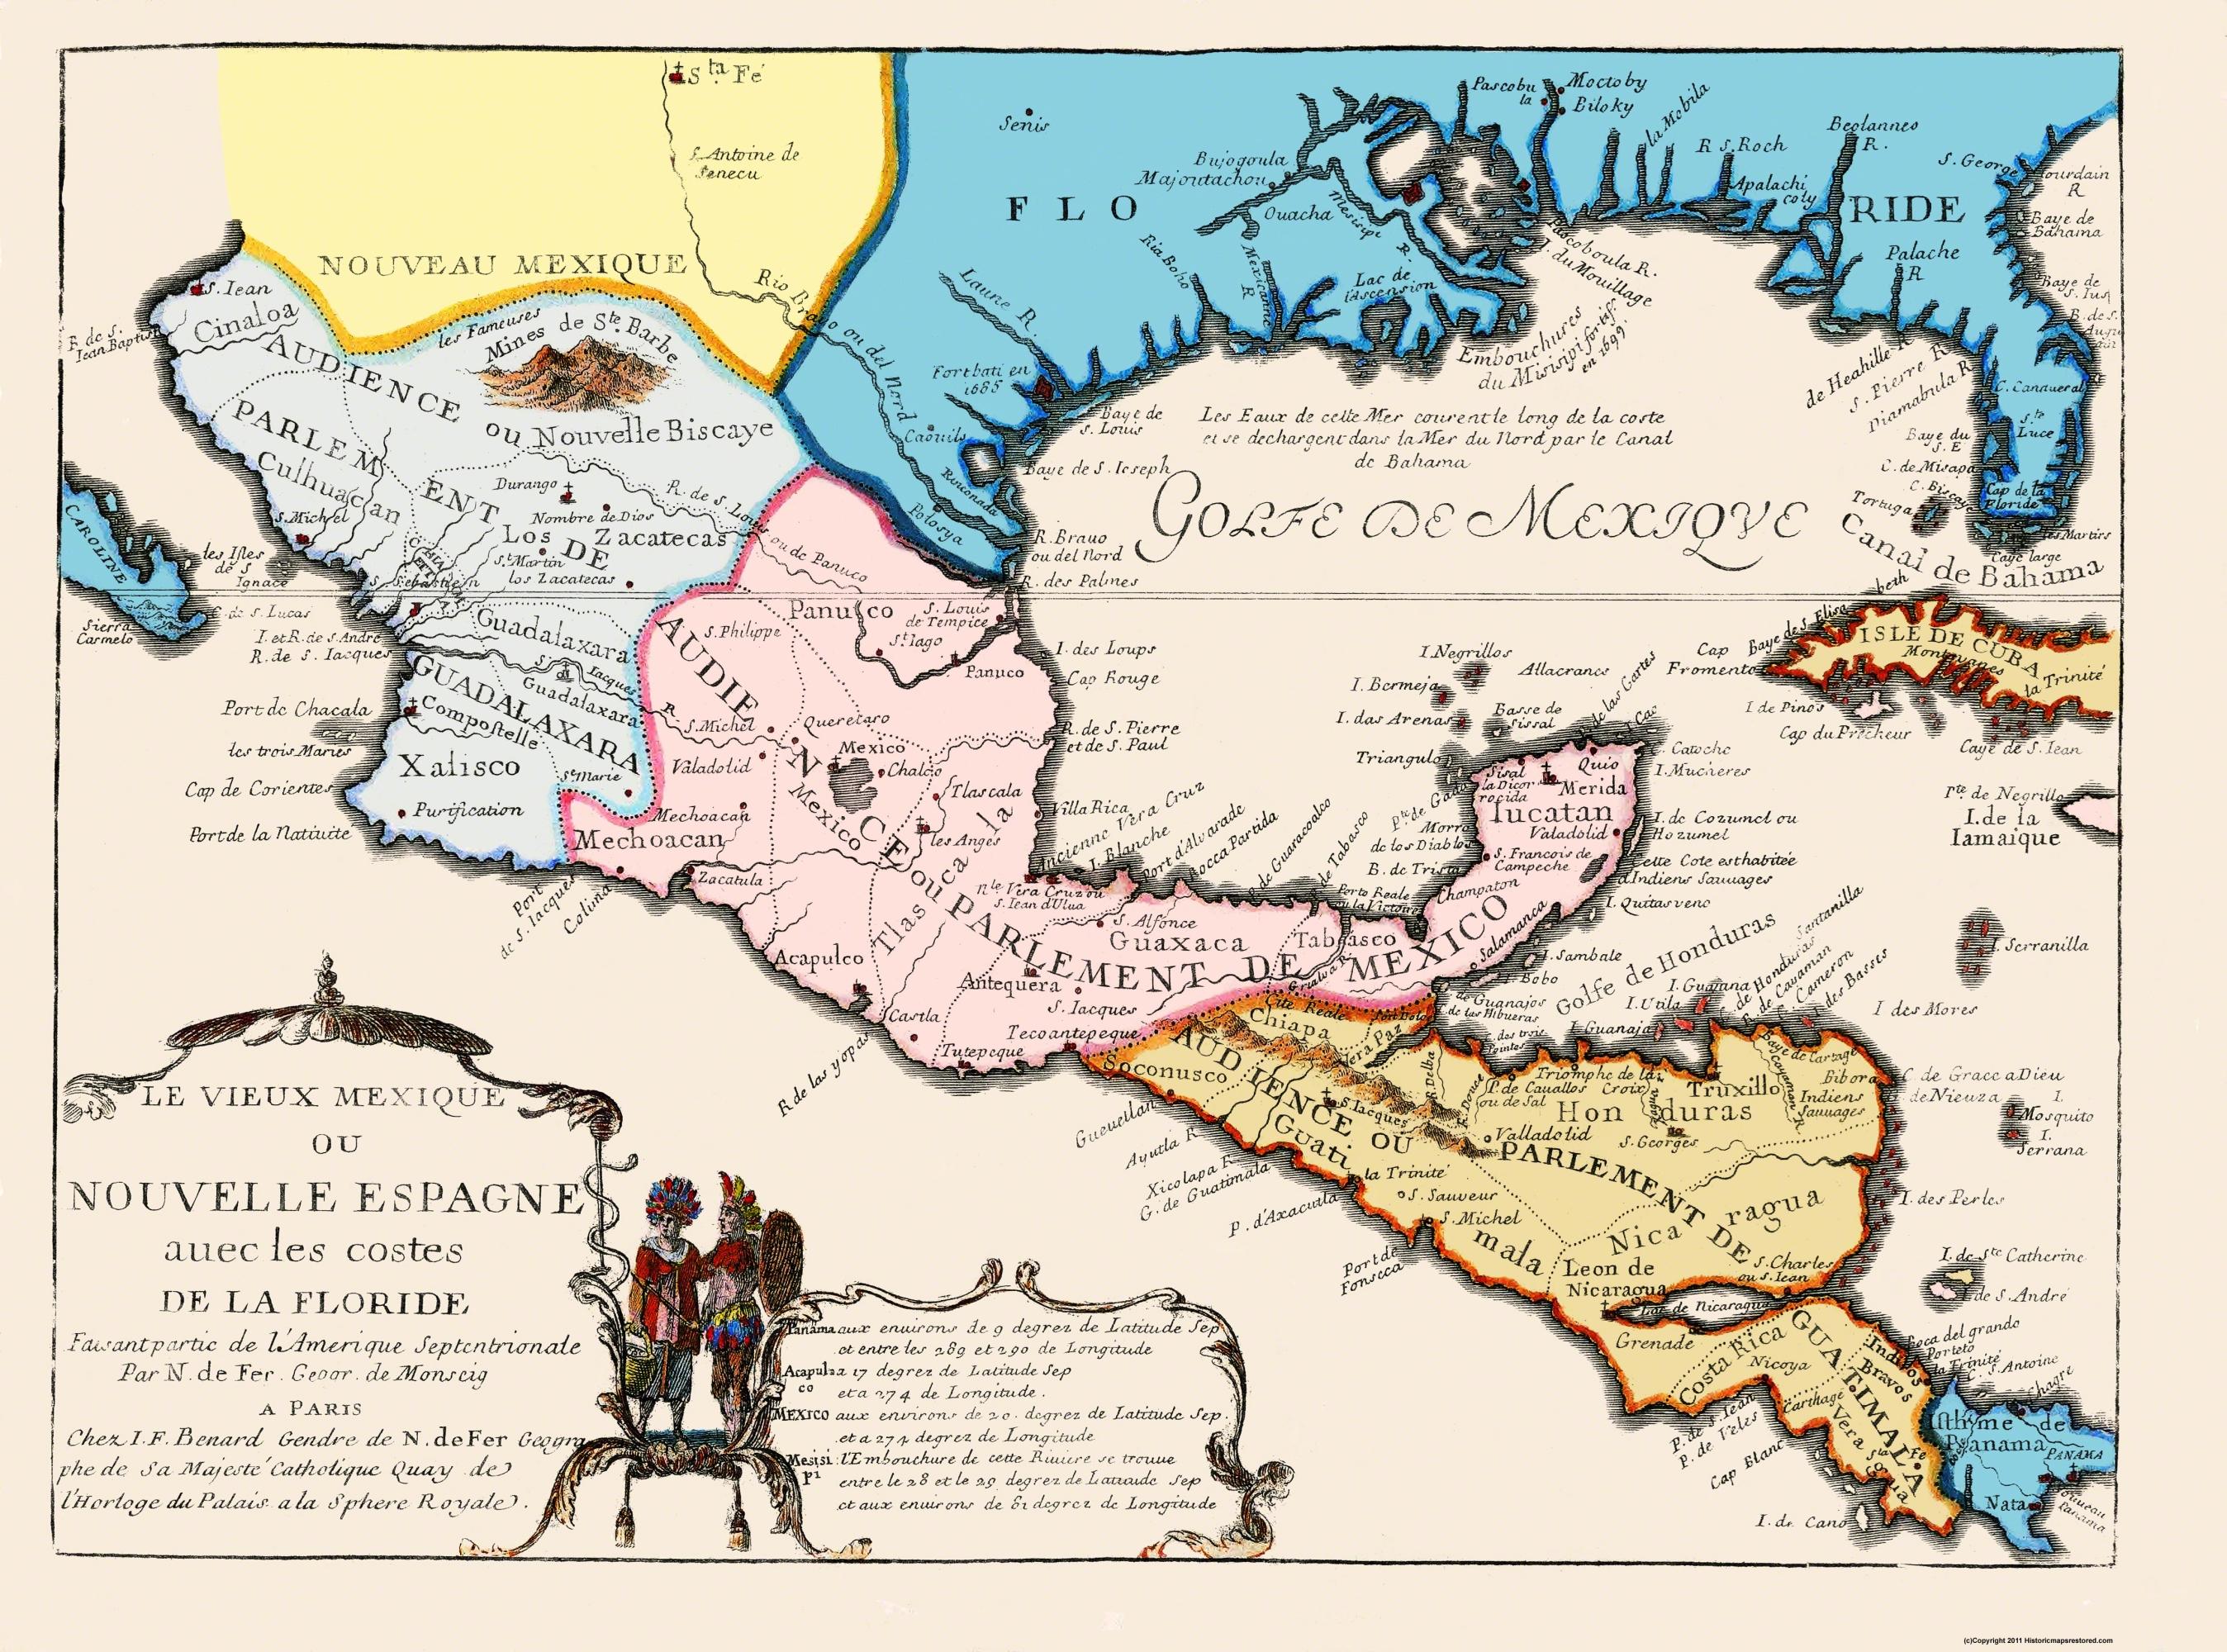 Old North America Map.Old North America Map New Spain 1702